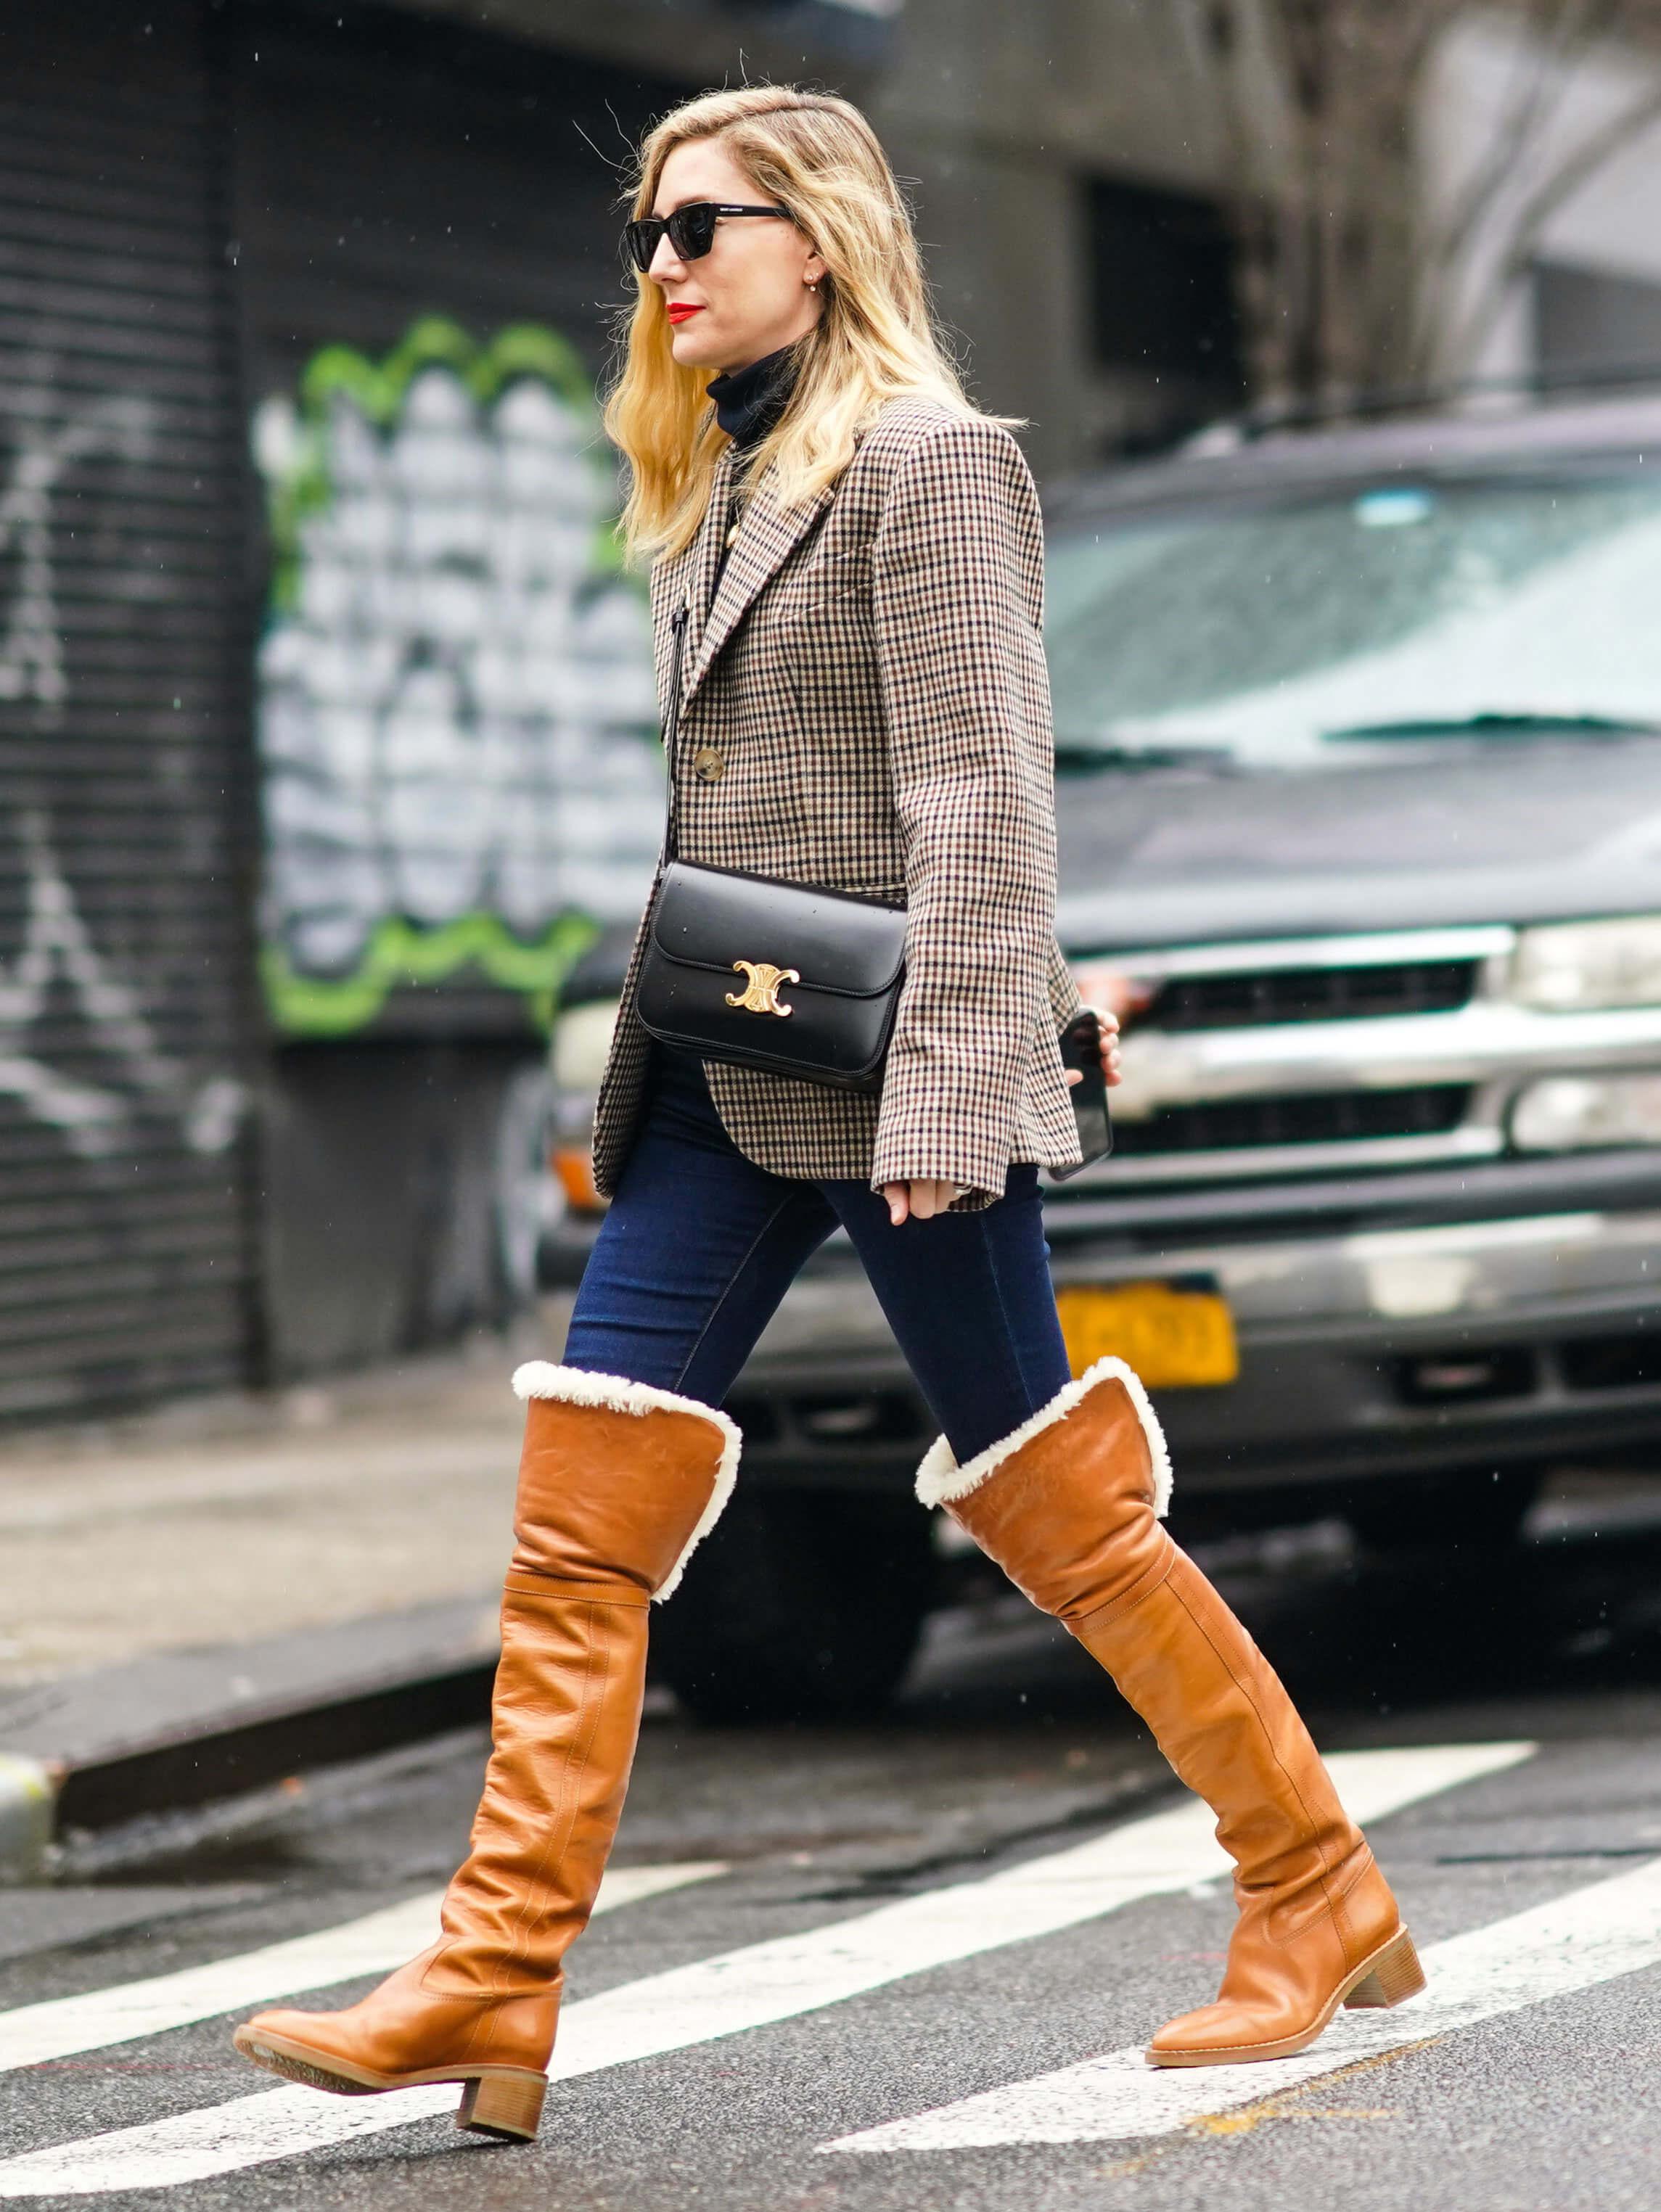 Overknees, Streetstyle New York, Joanna Hillman